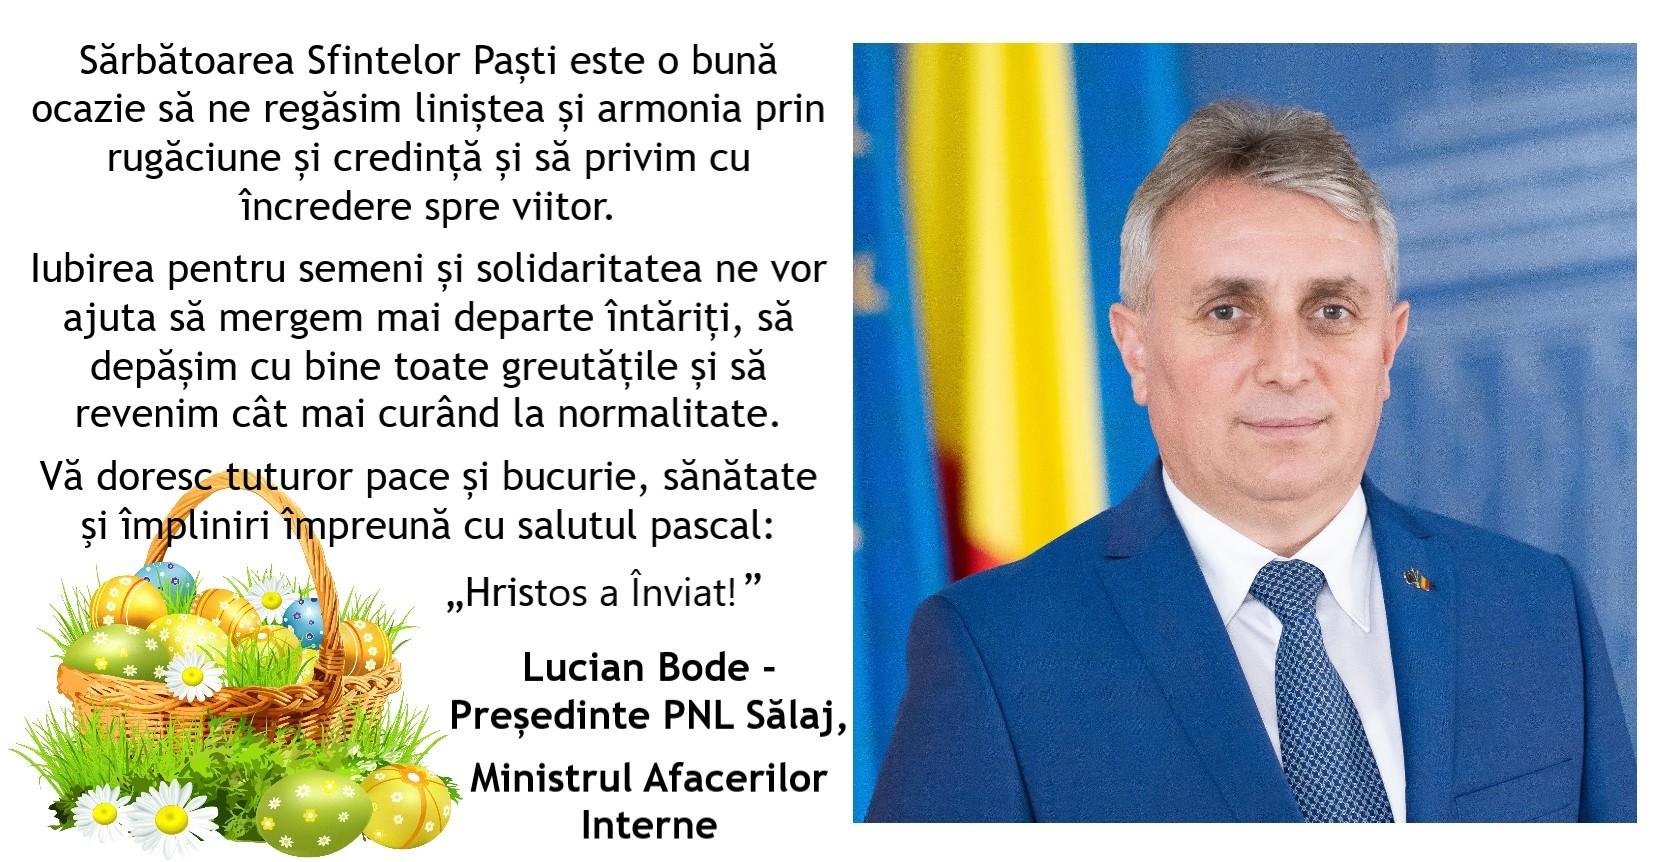 mesajul presedintelui pnl salaj ministrul afacerilor interne cu ocazia sarbatorilor pascale